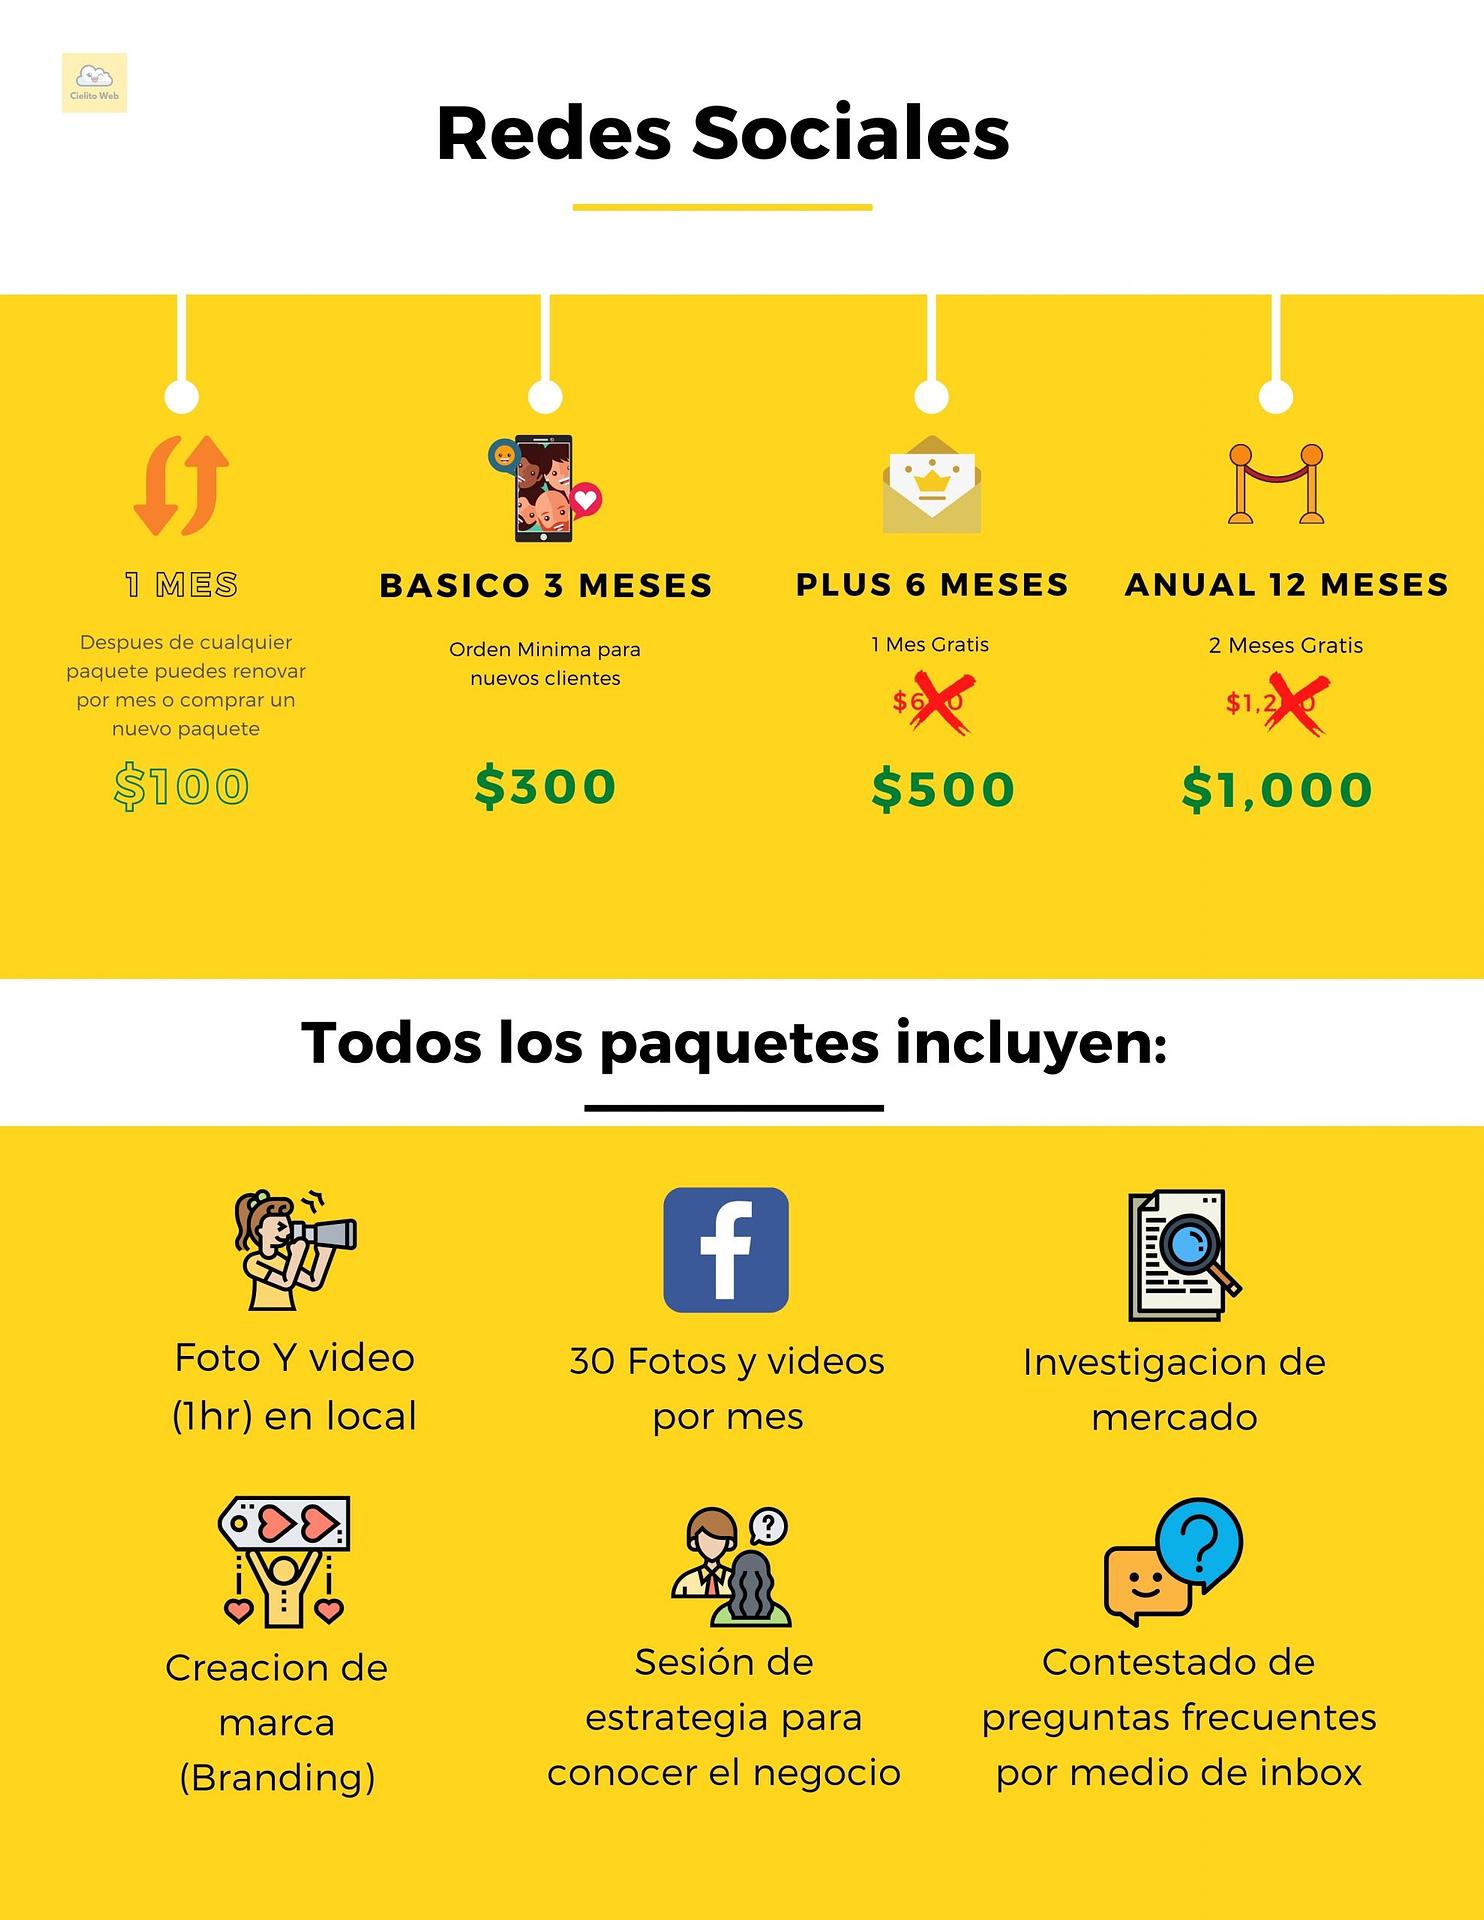 manejo_redes_sociales_cielito_web